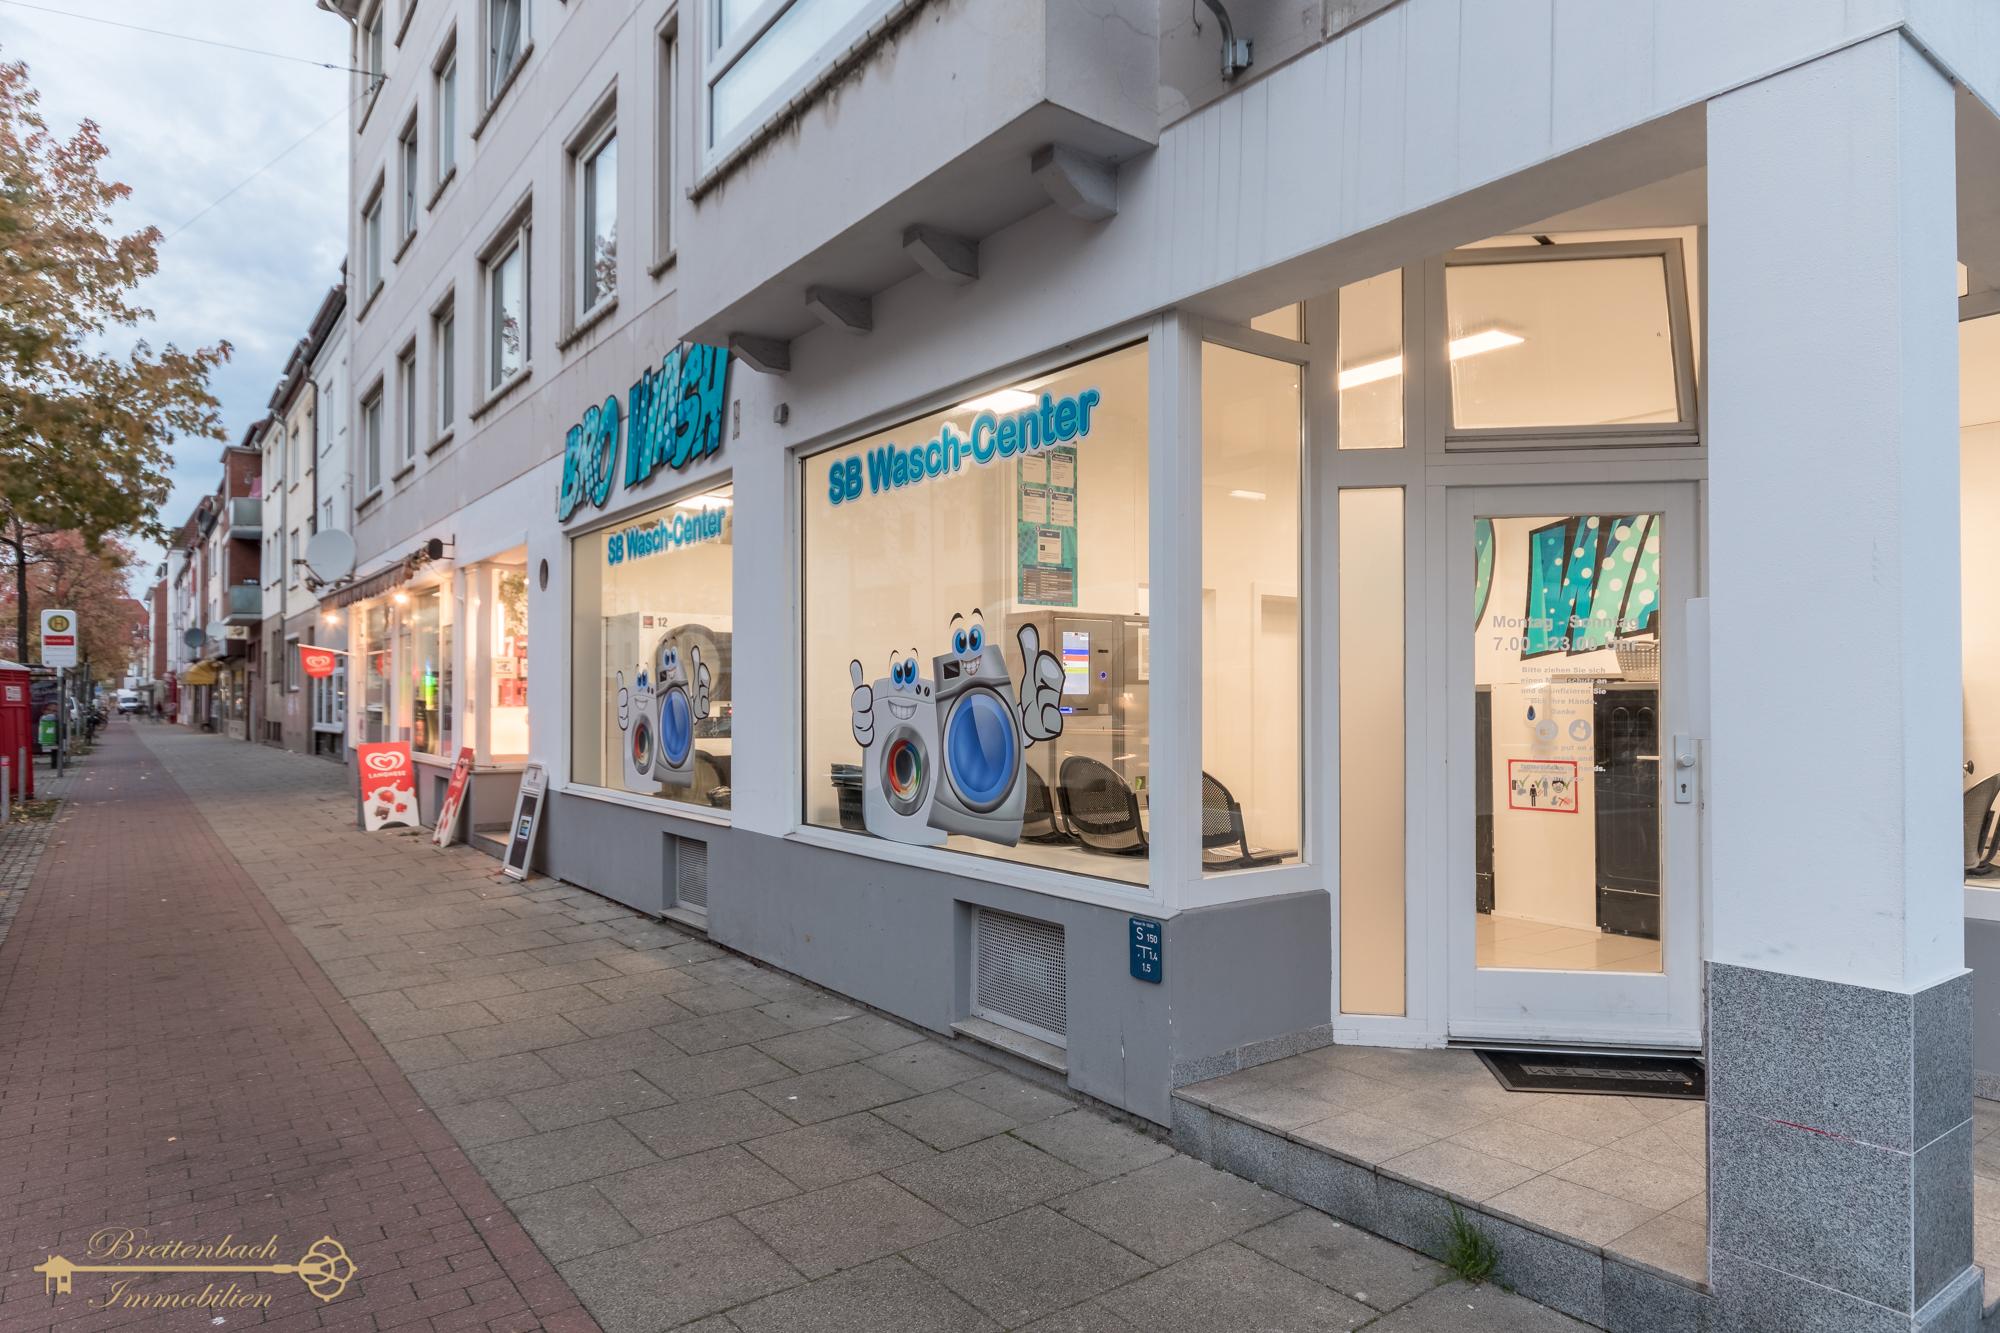 2020-11-15-Breitenbach-Immobilien-15